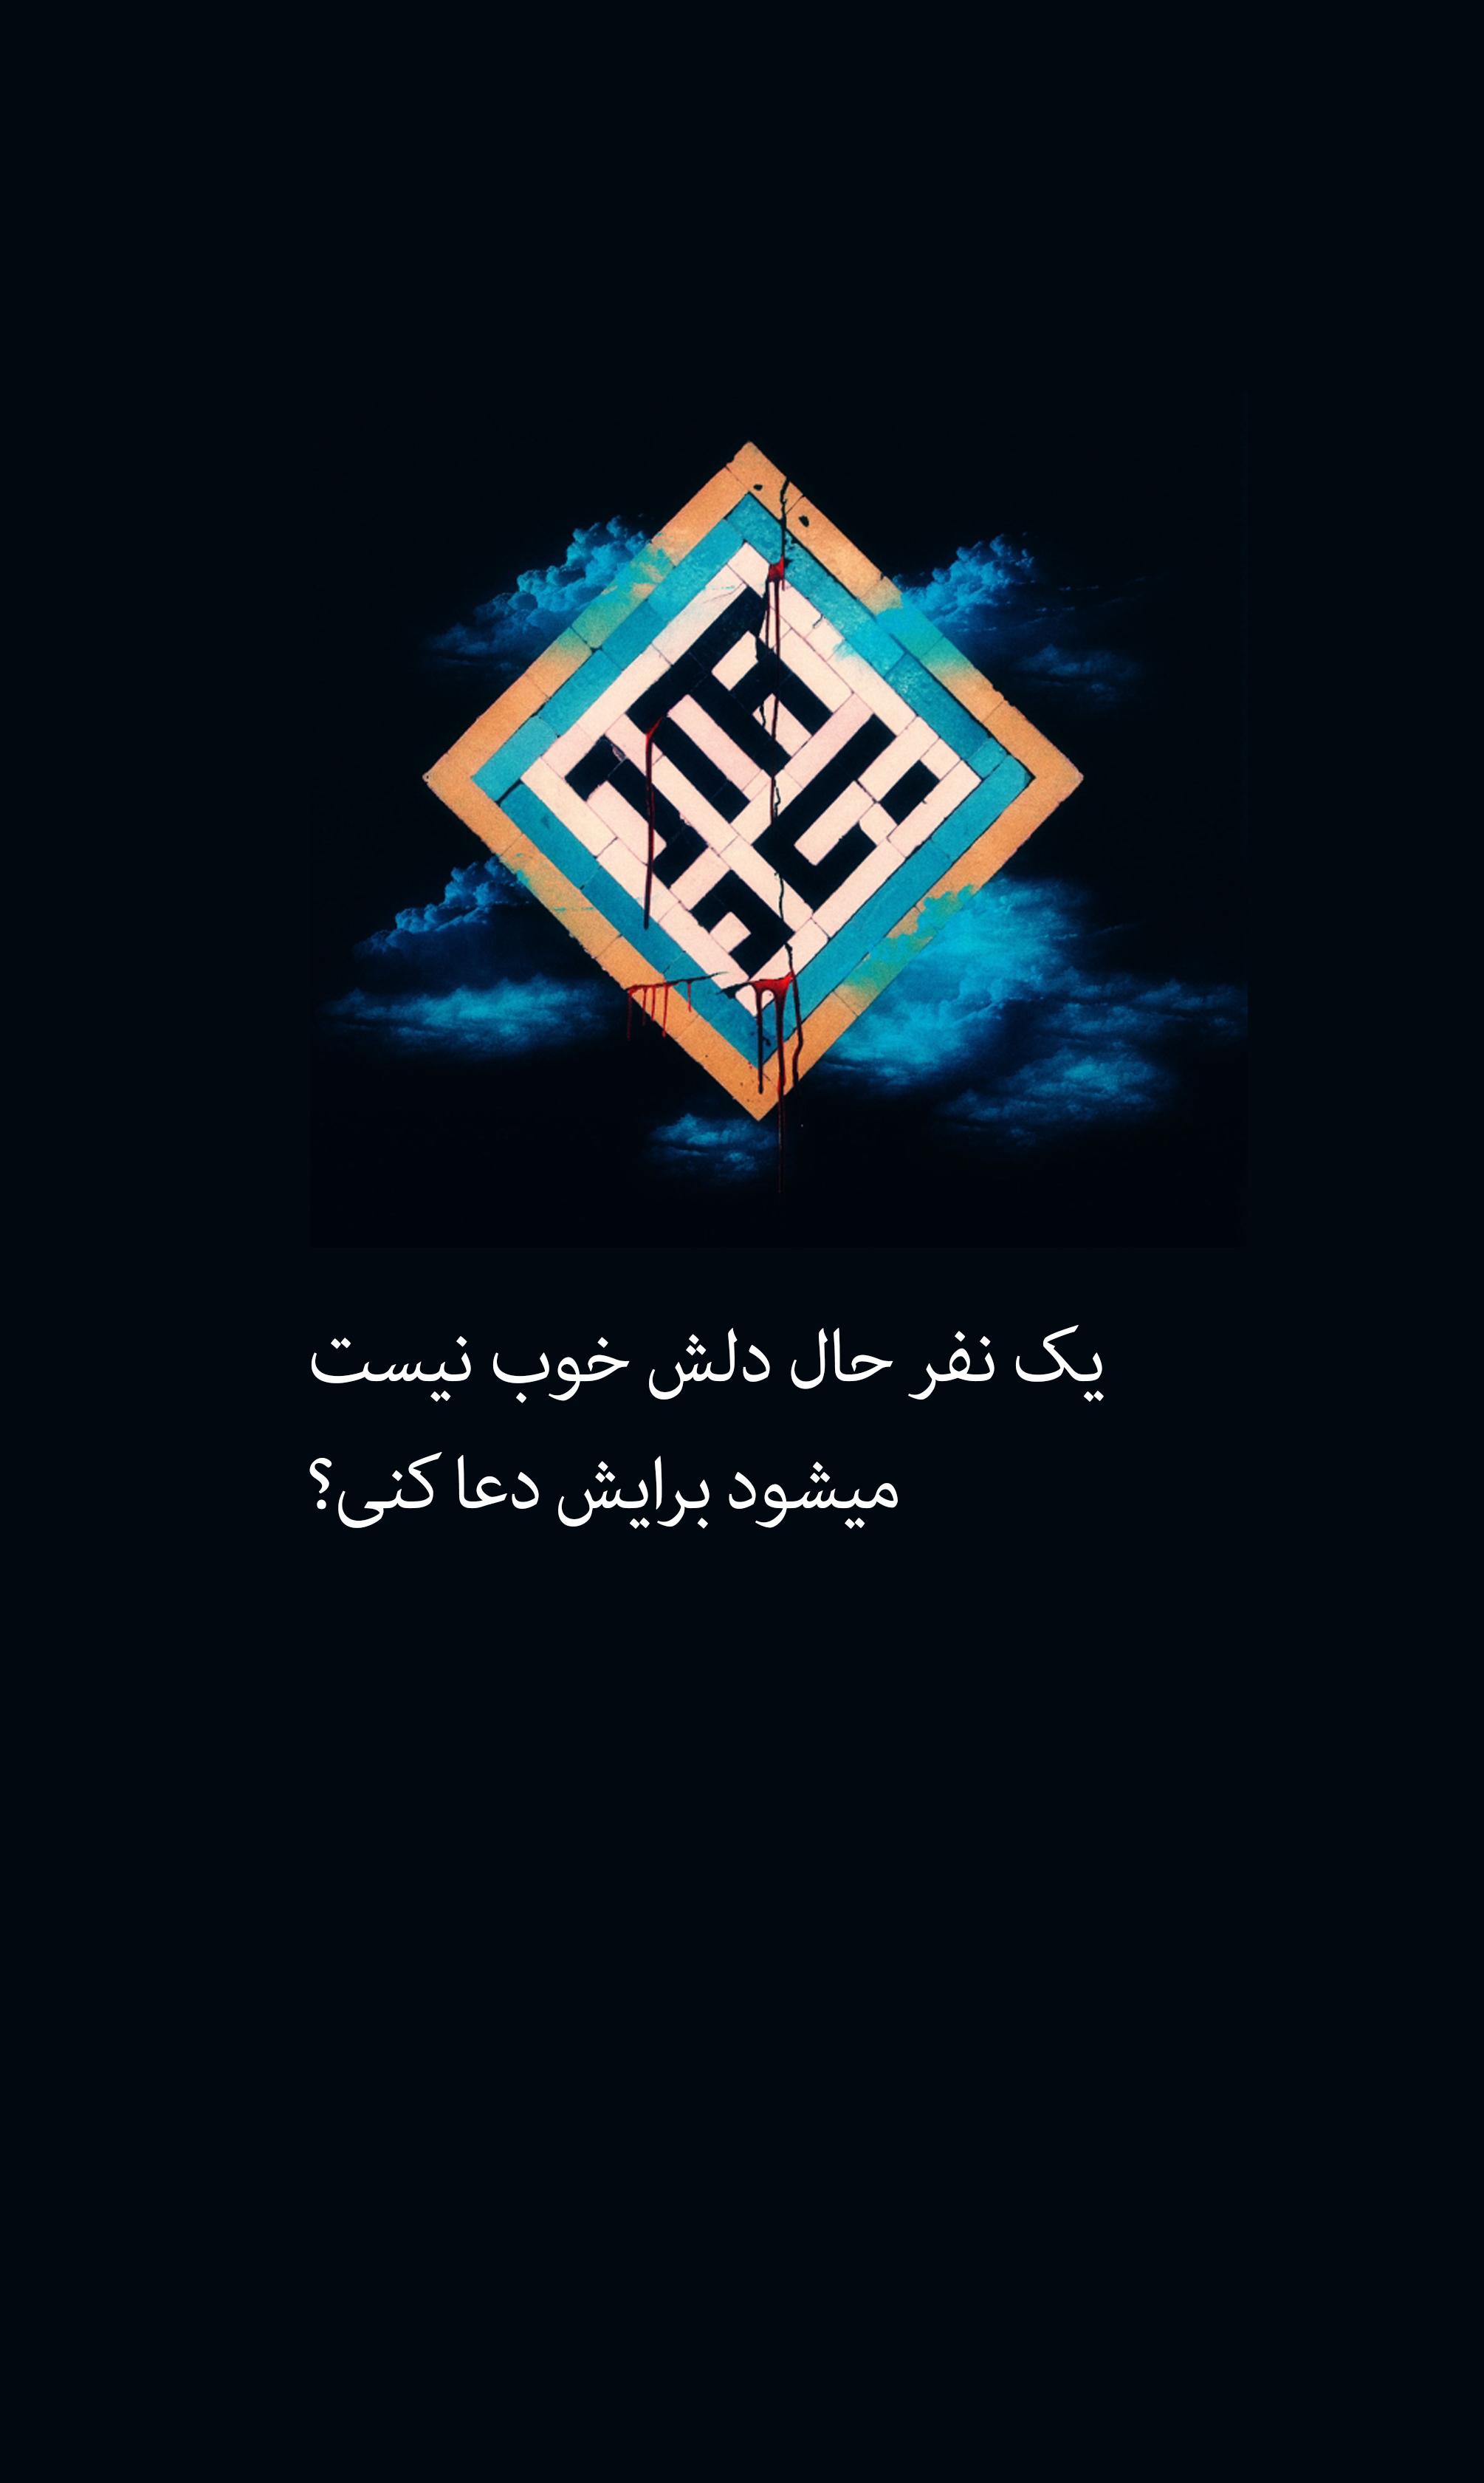 استوری اینستاگرام شب قدر فزت و رب الکعبه پوستر شهادت حضرت علی دعا